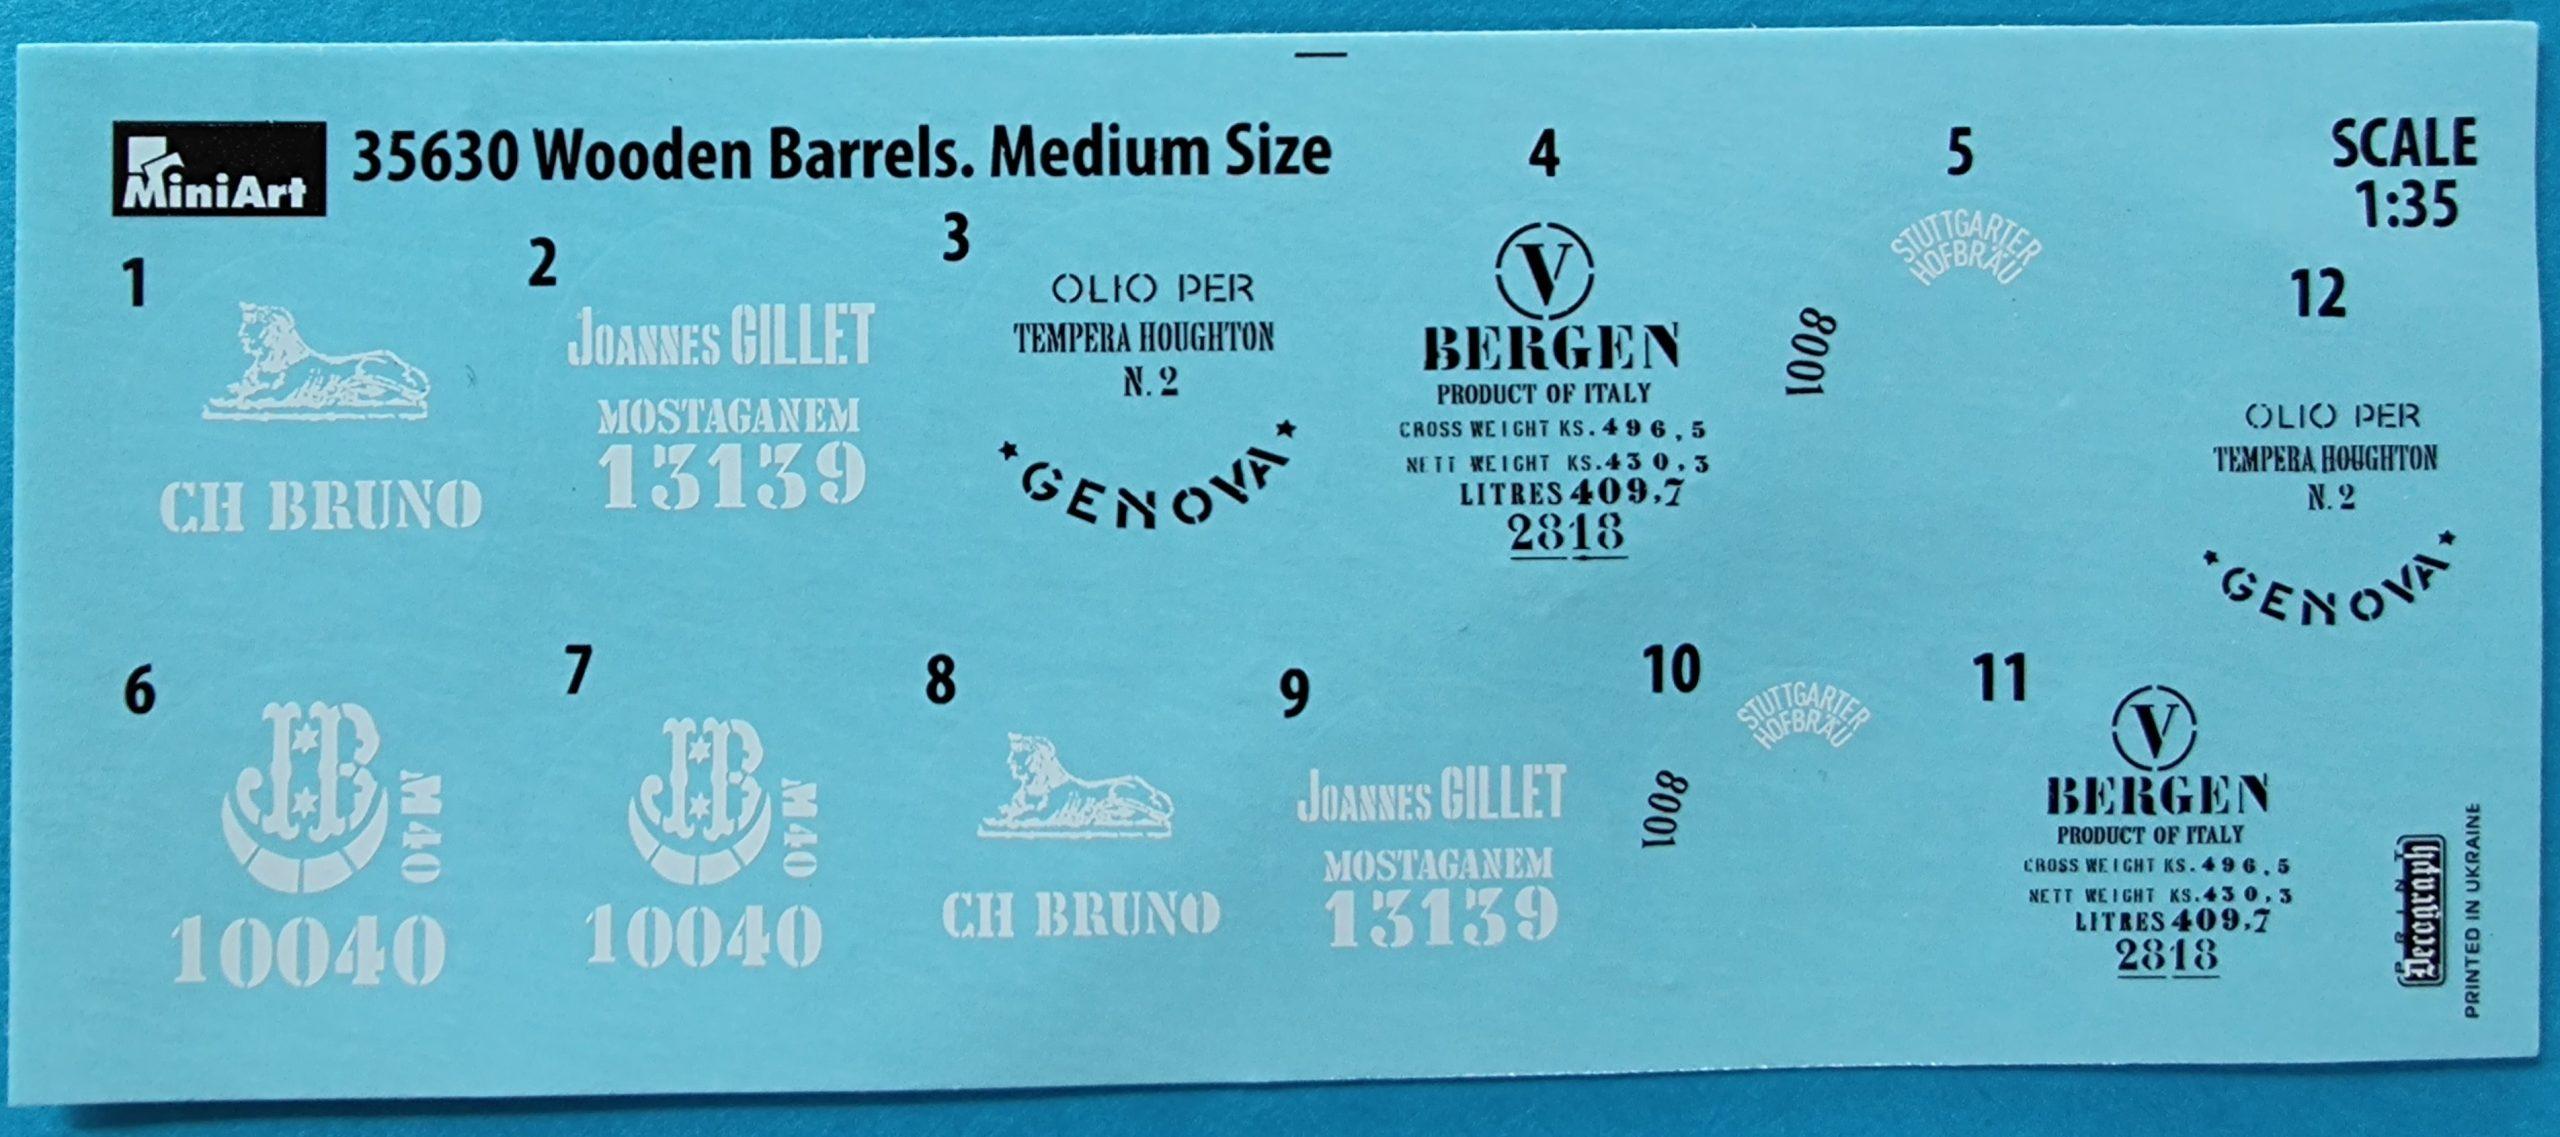 ICM_fass2007-scaled Holzfässer (Wooden Barrels) von Miniart in 1:35